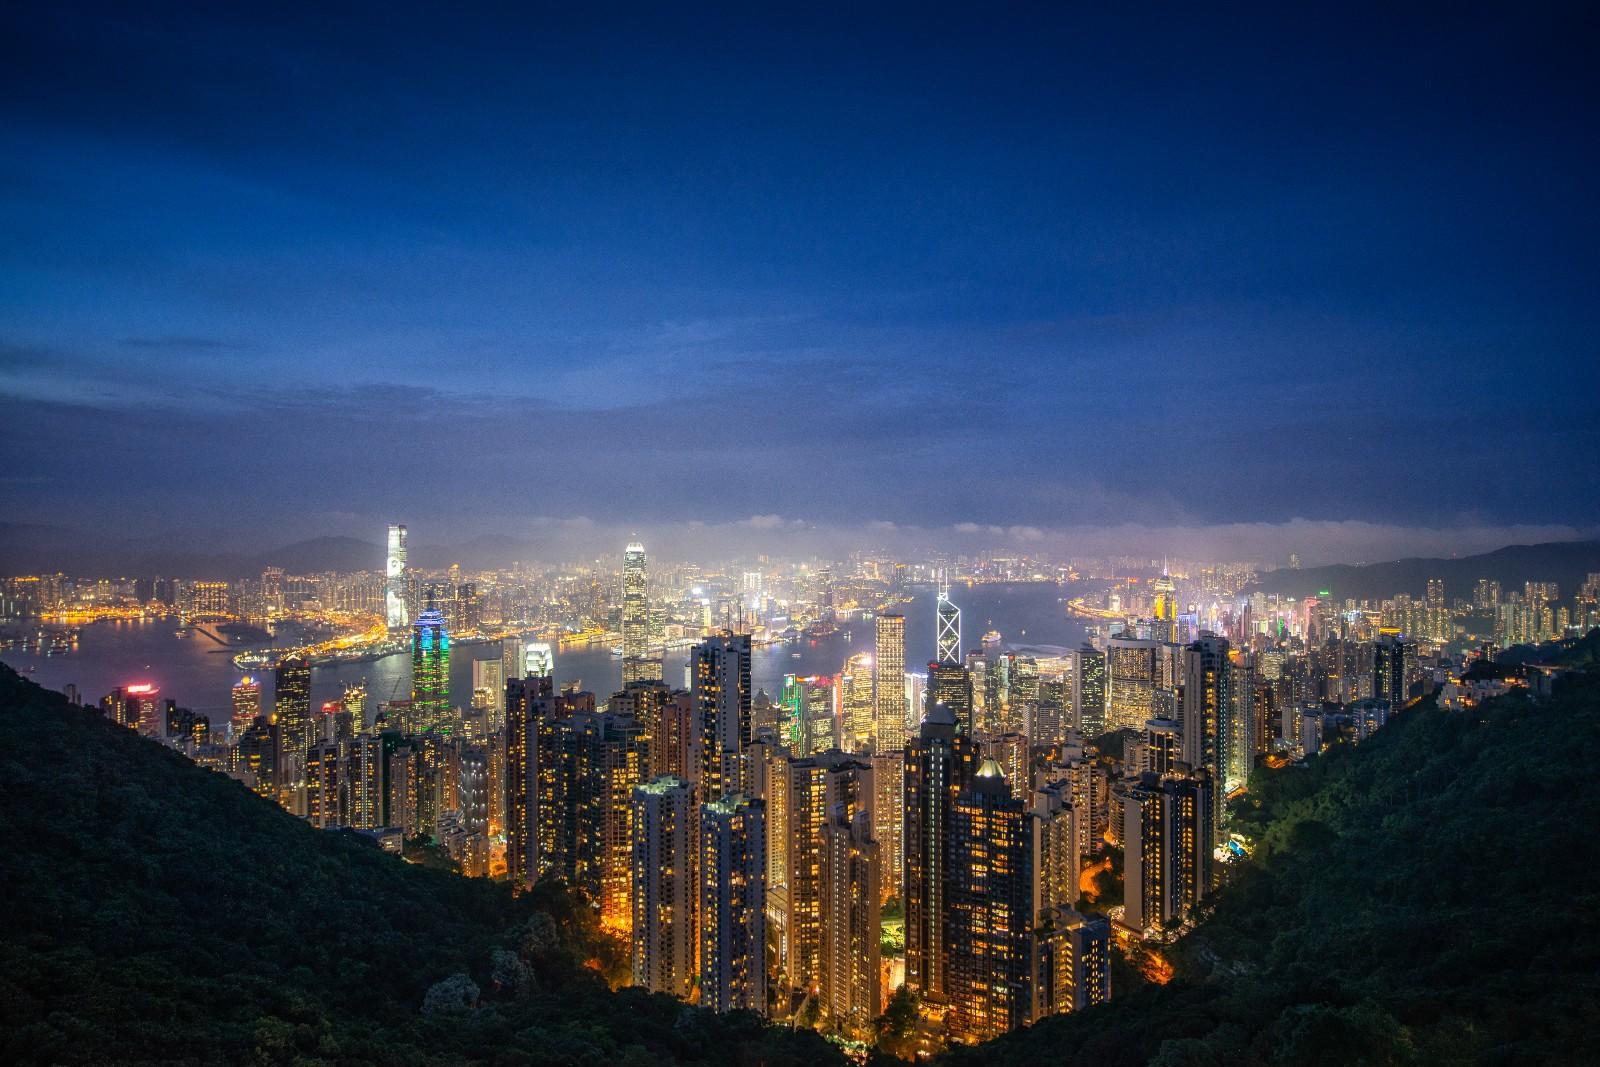 天津代理记账公司企业企业共享资源税务管控可靠流程